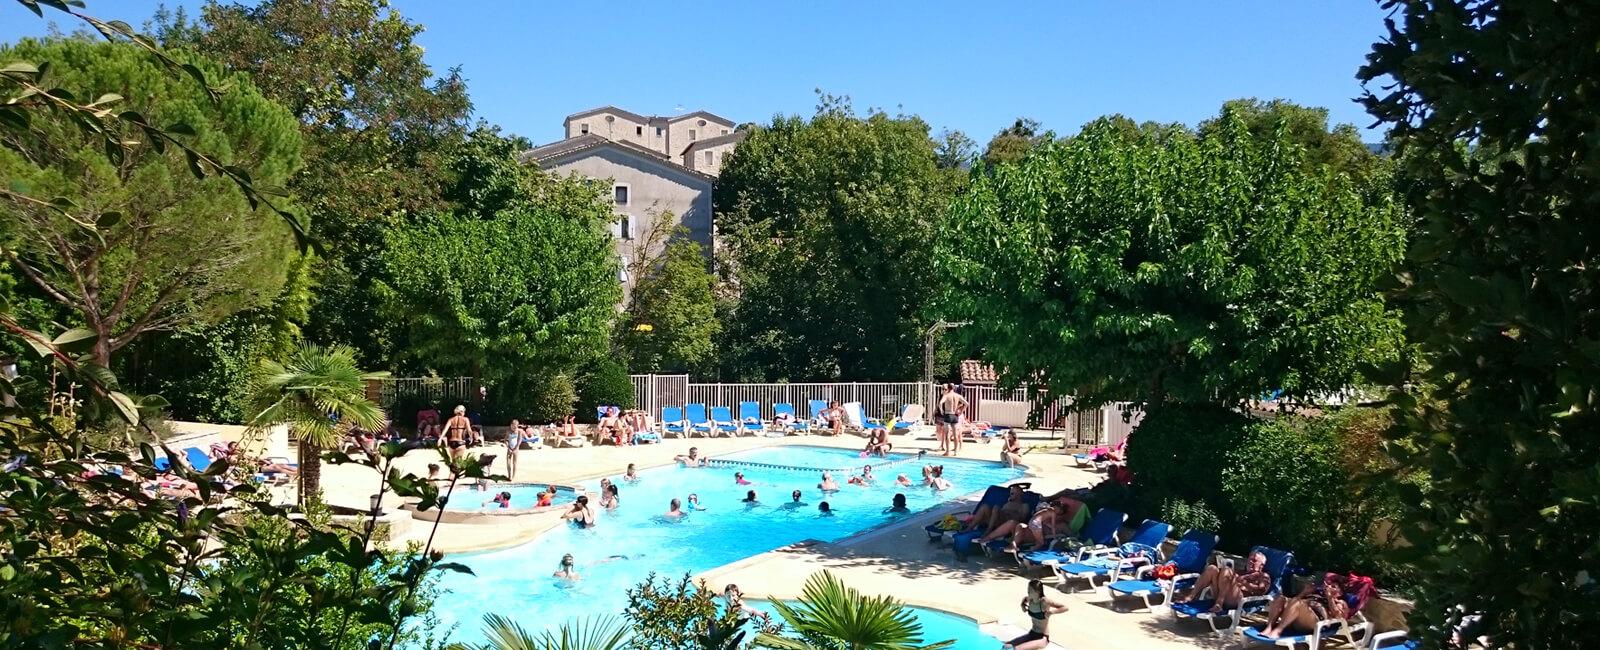 Campingplatz Mit Pool Am Ufer Von Zwei Flüssen - Drôme serapportantà Piscine Drome